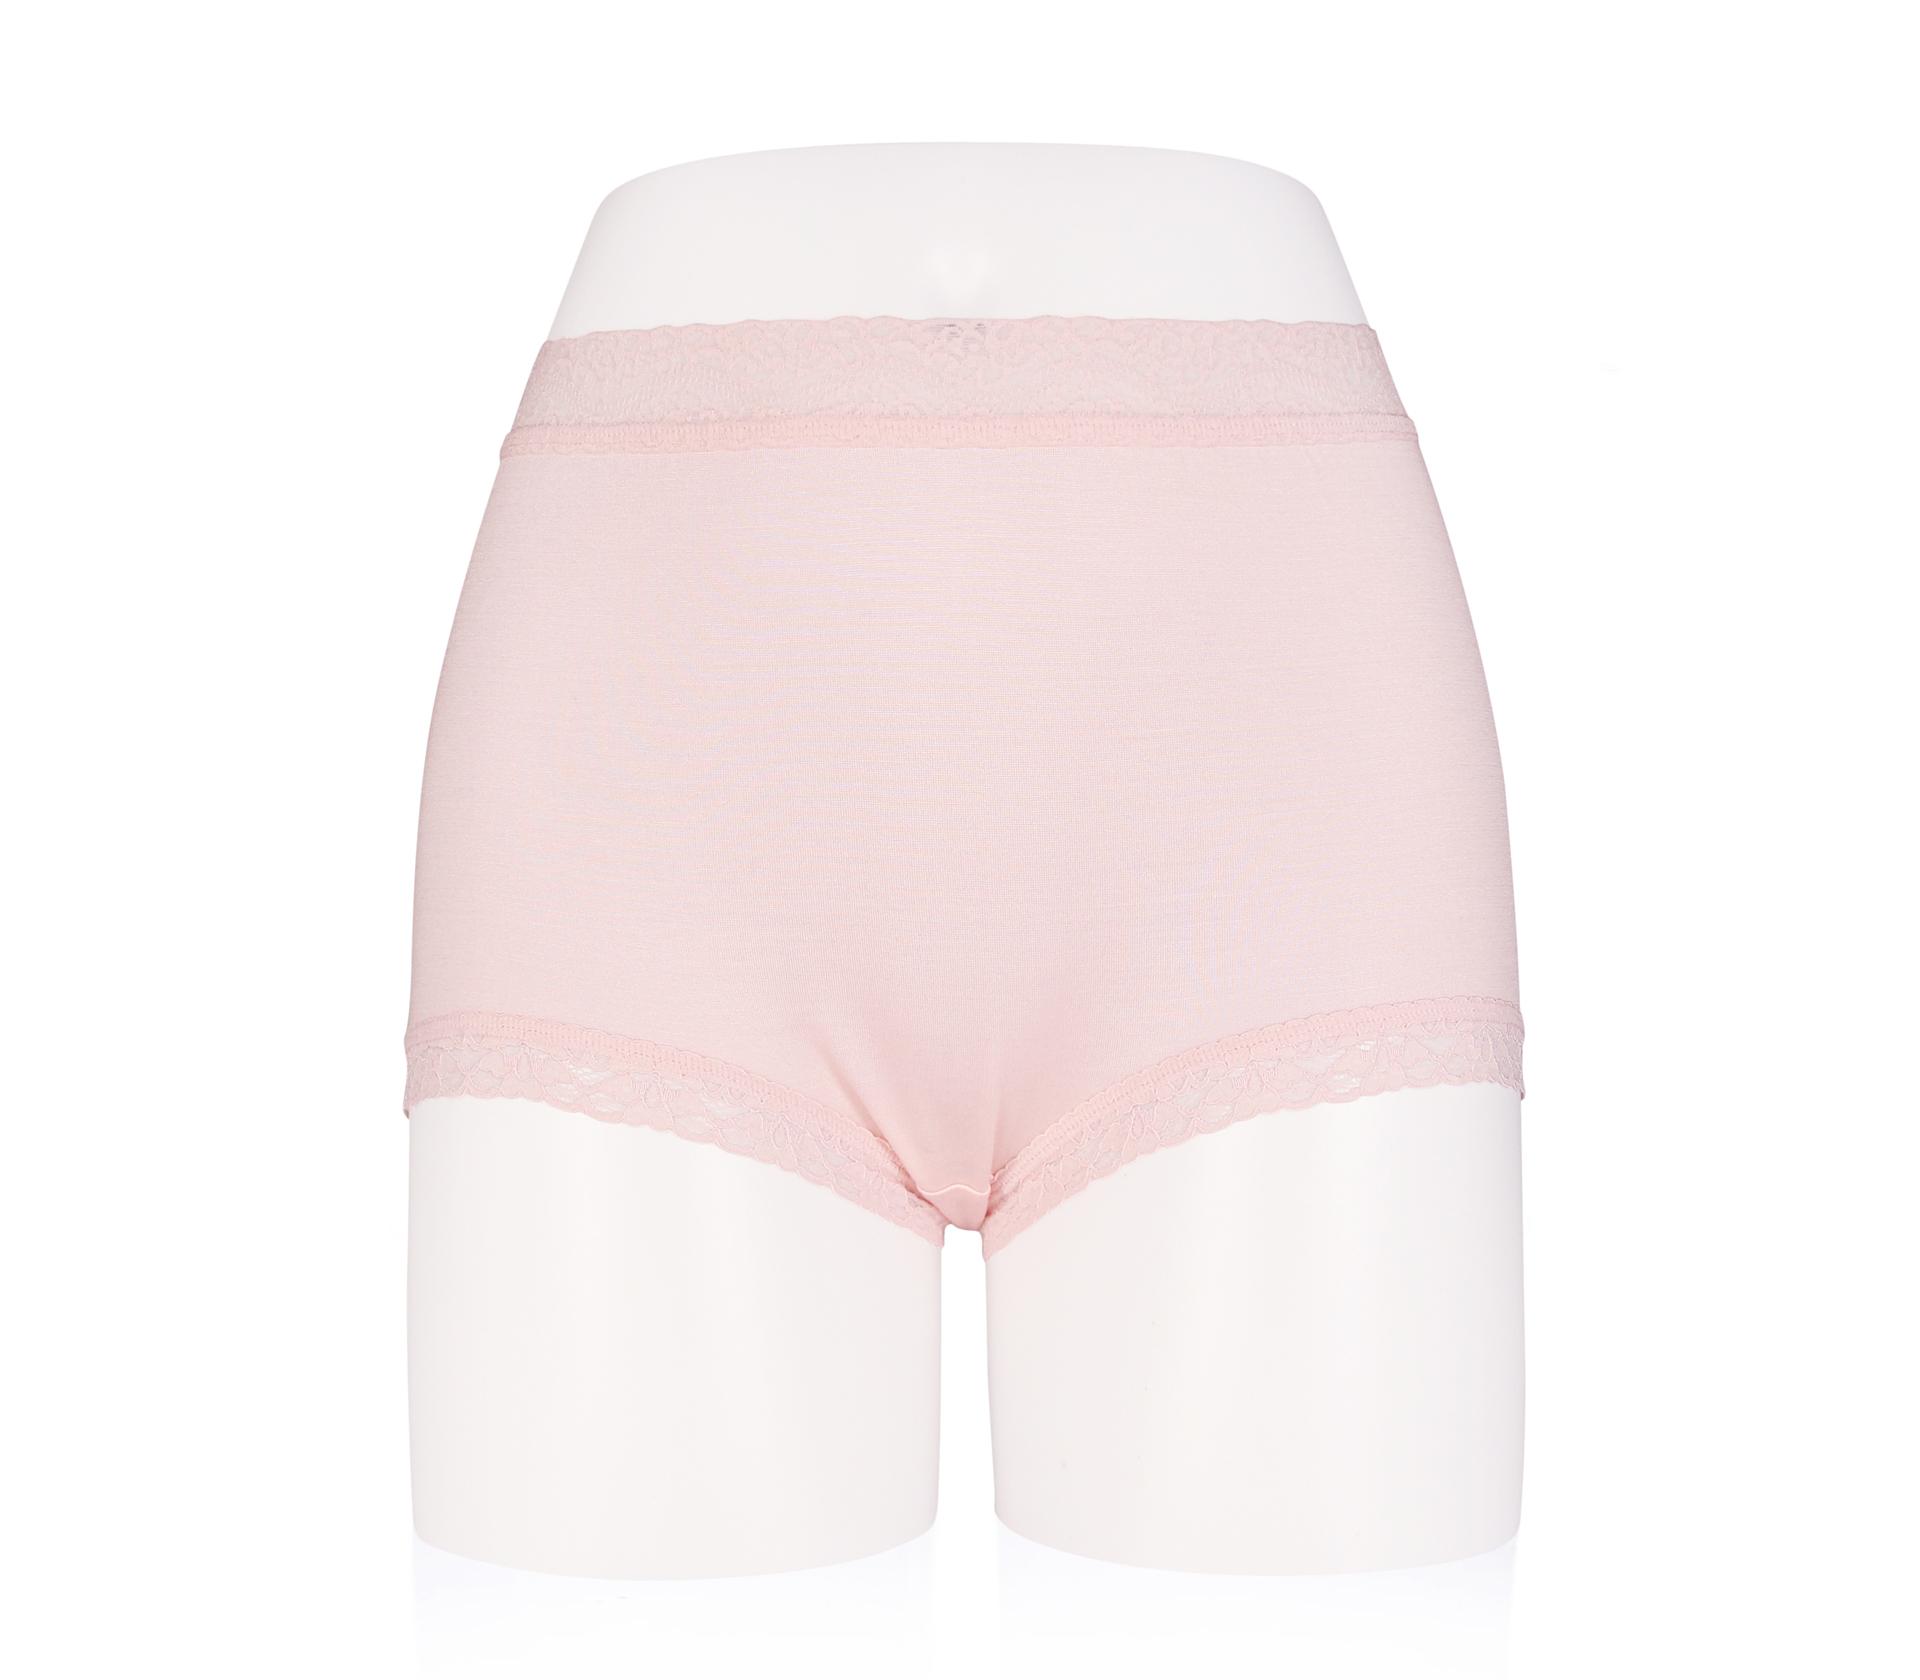 闕蘭絹中腰粉嫩親膚100%蠶絲平口褲 - 88118 (粉色)